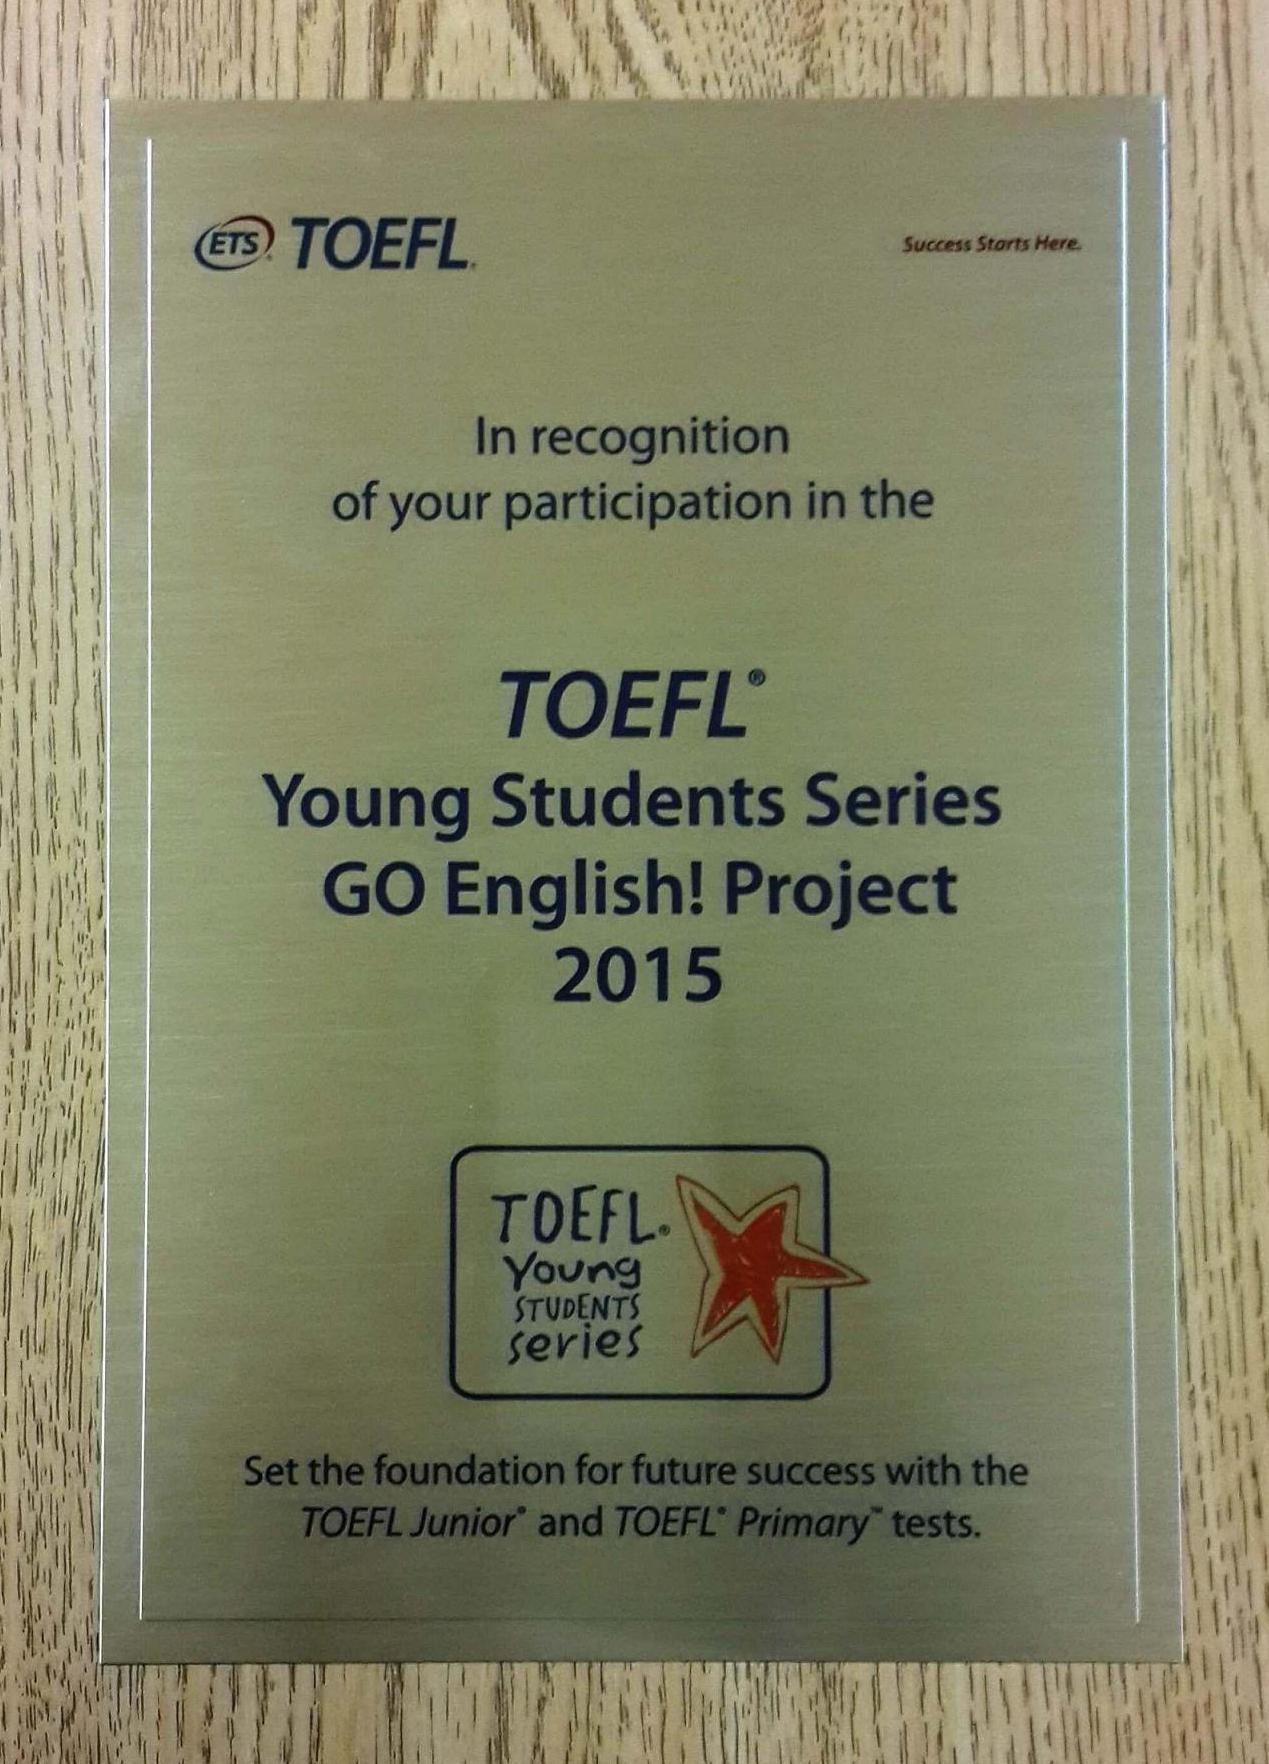 Okulumuz TOEFL Go English Projesi'nde Öğrencilerimizin Hazırladığı Proje ile Başarı Plaketi Almaya Hak Kazandı